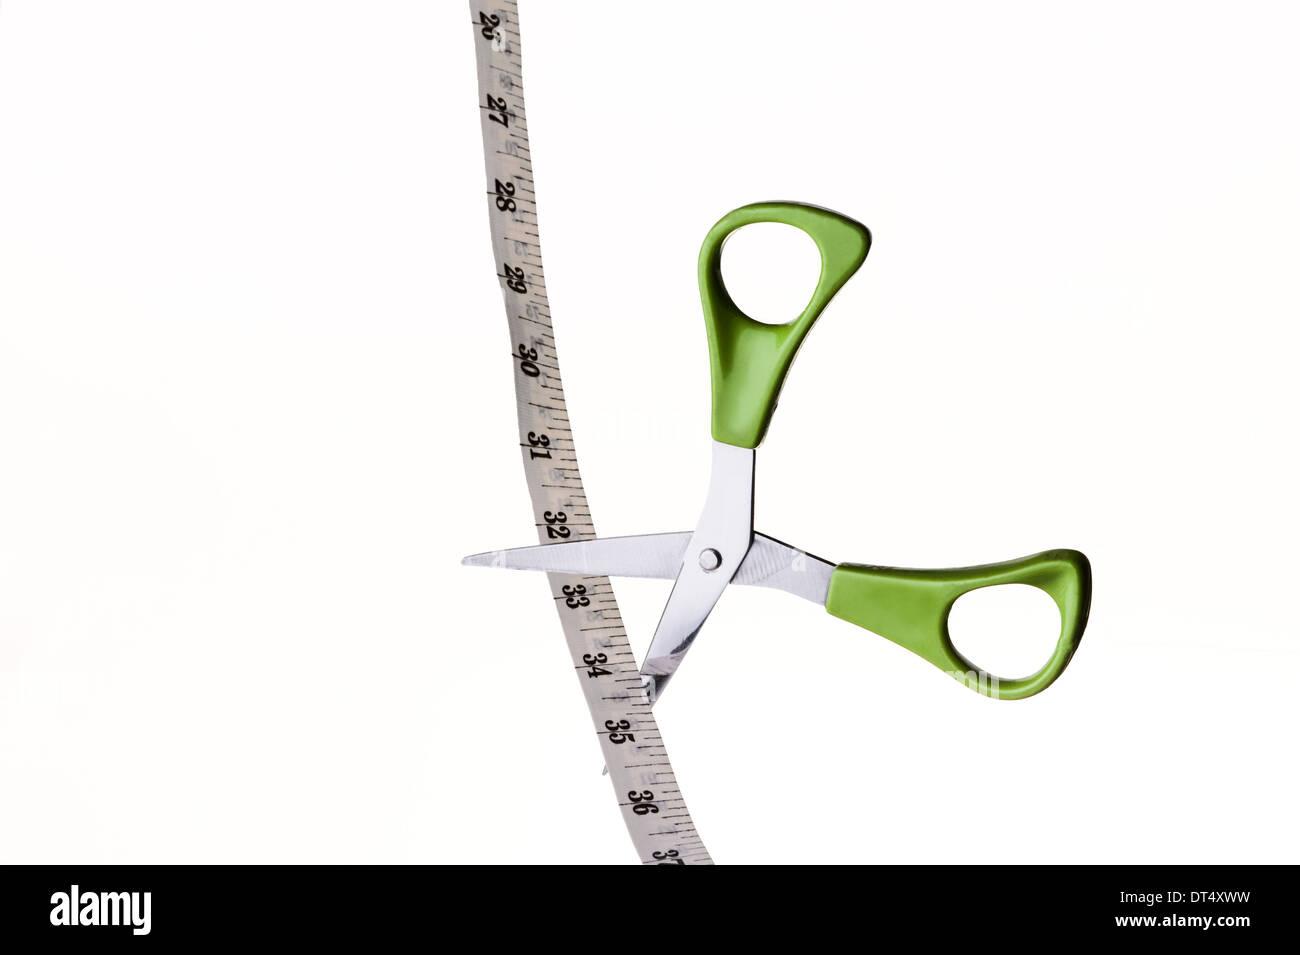 Schere schneiden ein Maßband. Gewichtsverlust, zu reduzieren. Stockbild